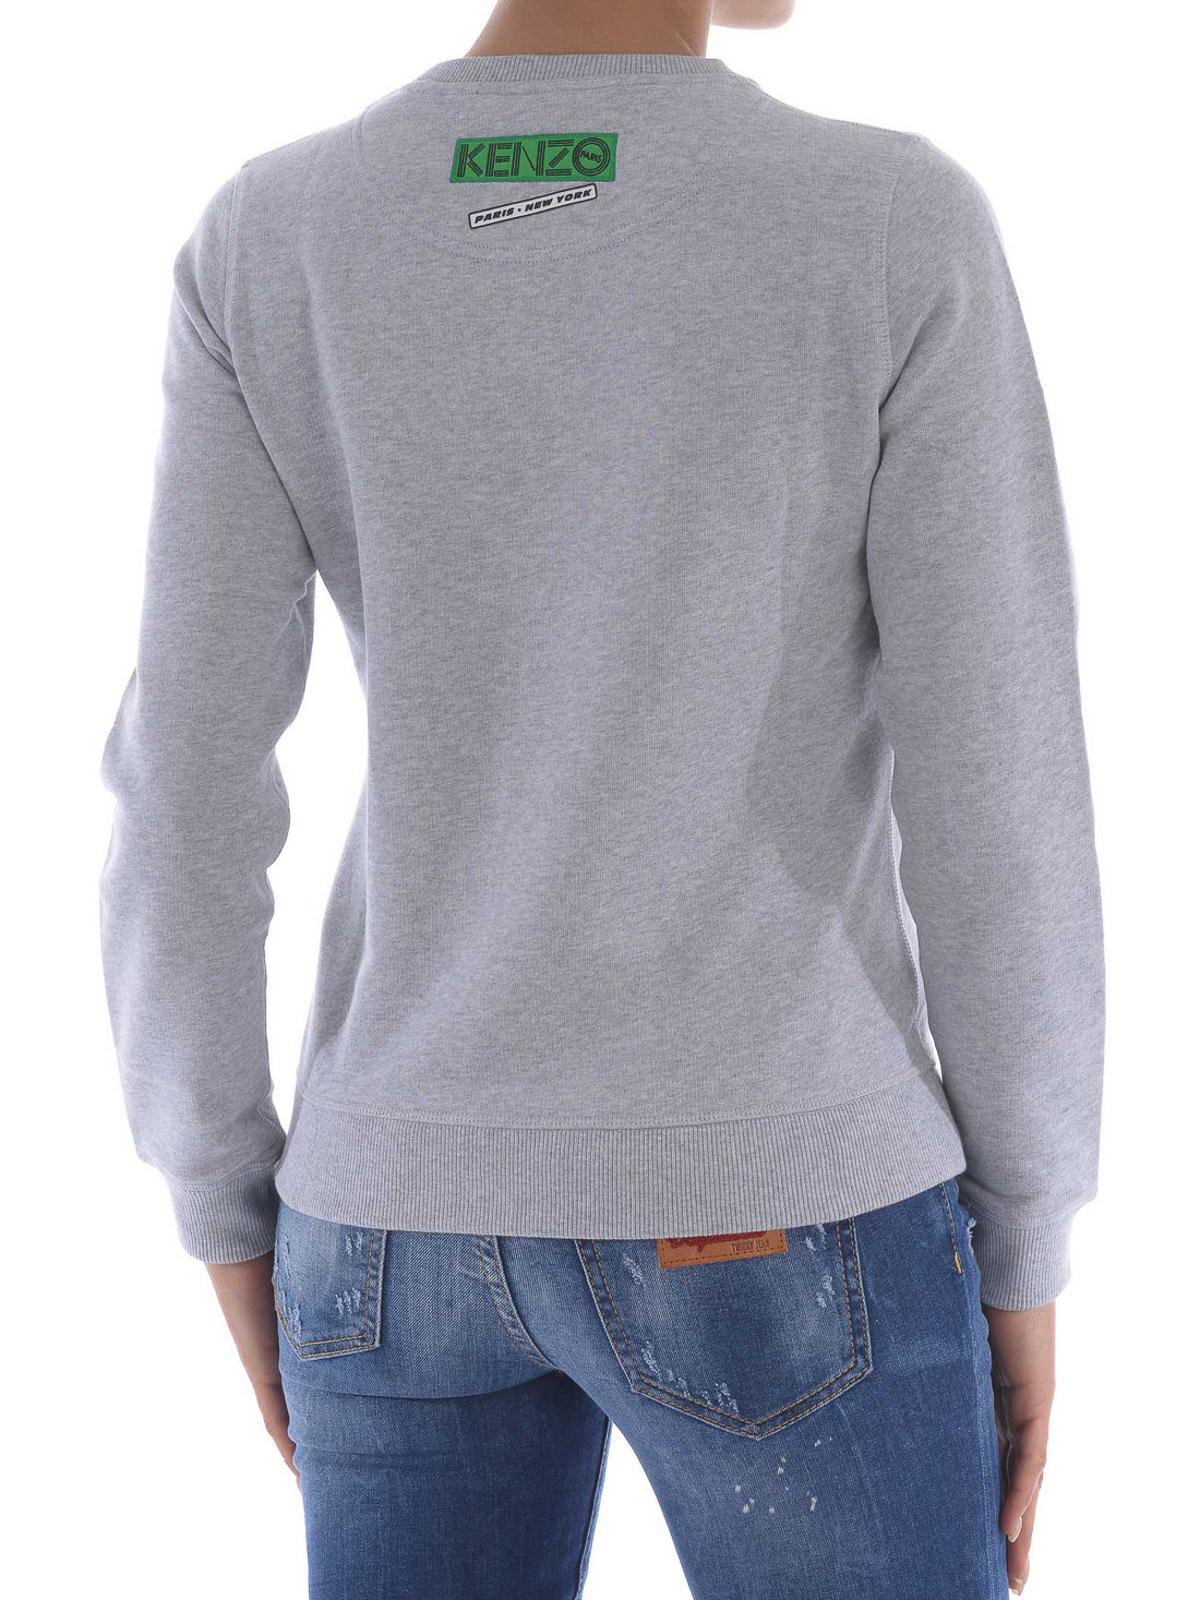 573a828f1cb iKRIX KENZO  Sweatshirts   Pulls - Sweat-Shirts Et Pulls Gris Clair